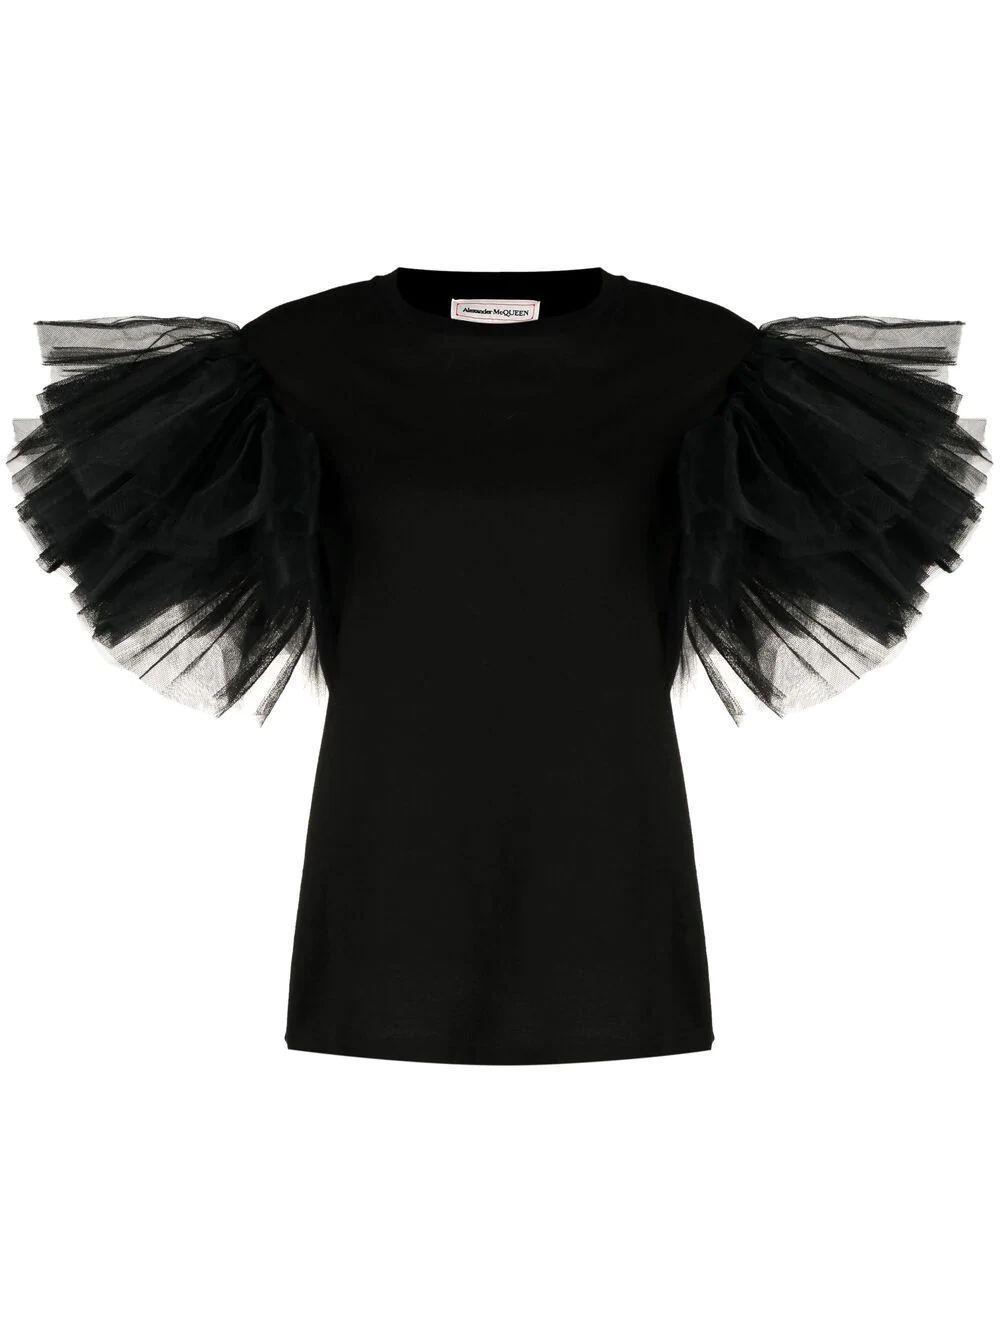 Tulle Sleeve T- Shirt Item # 654213QLAAA